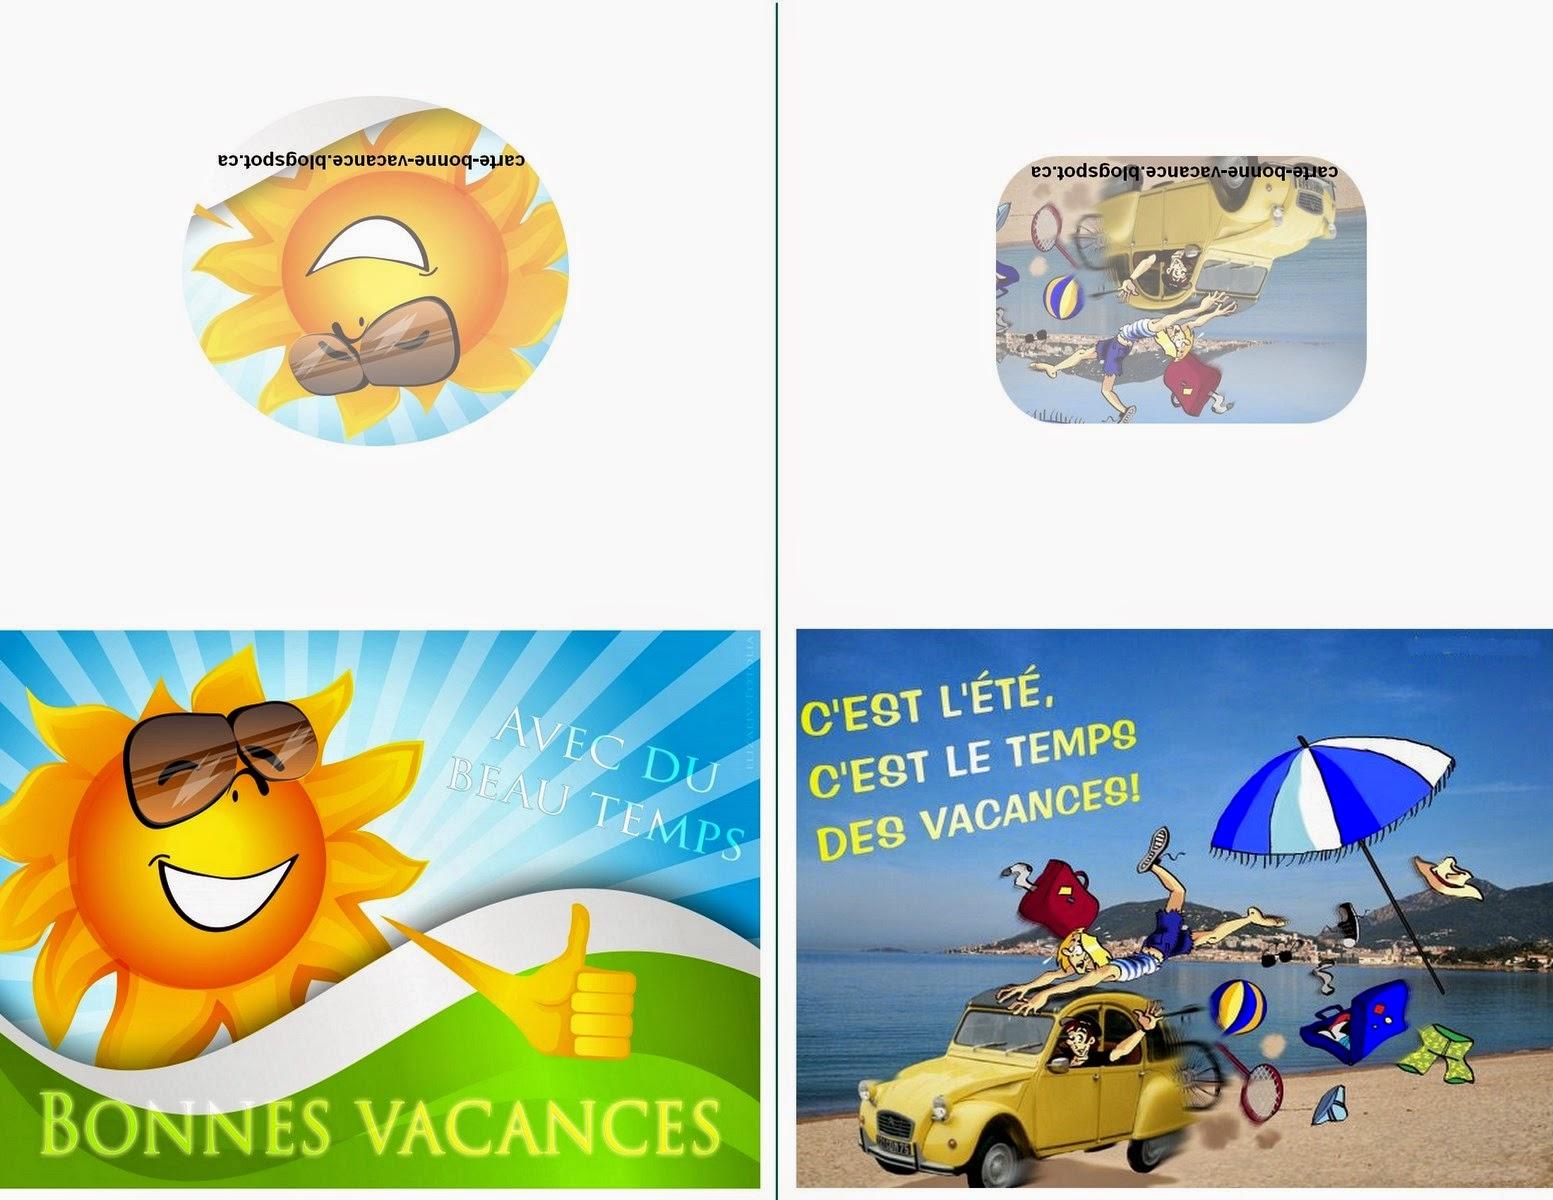 CARTE DE BONNES VACANCES A IMPRIMER GRATUITMENT